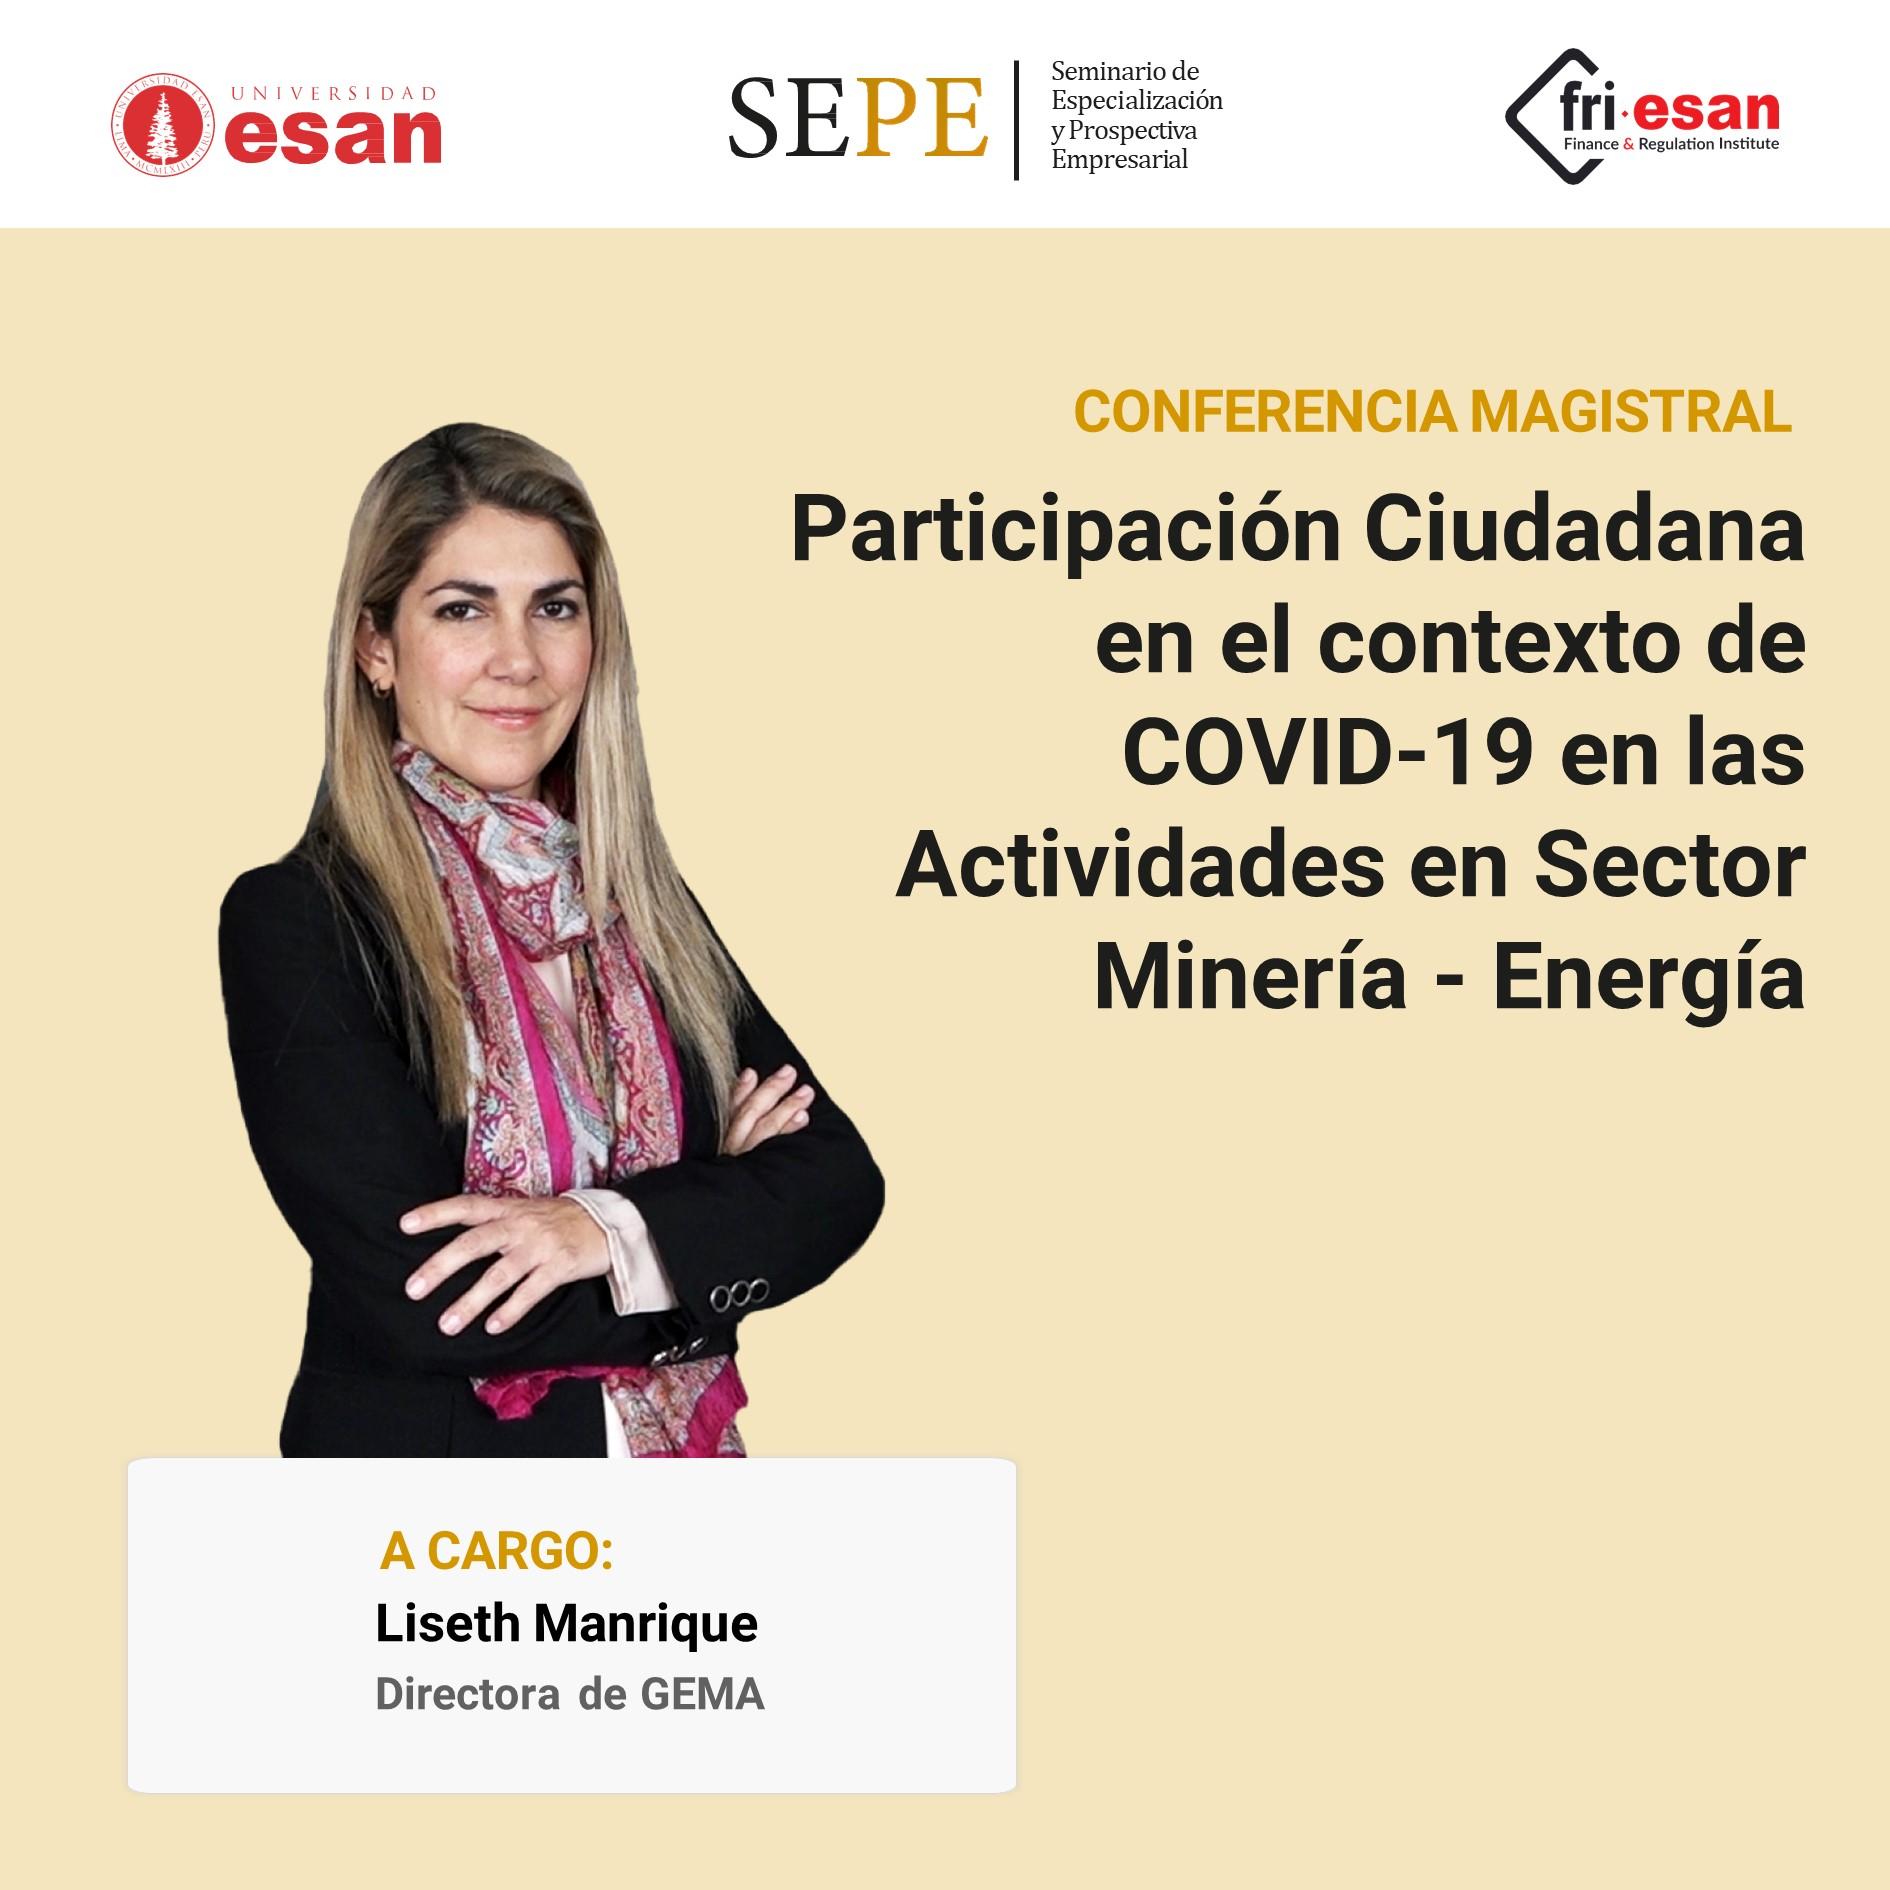 Participación Ciudadana en el contexto de COVID-19 en las Actividades en Sector Minería - Energía